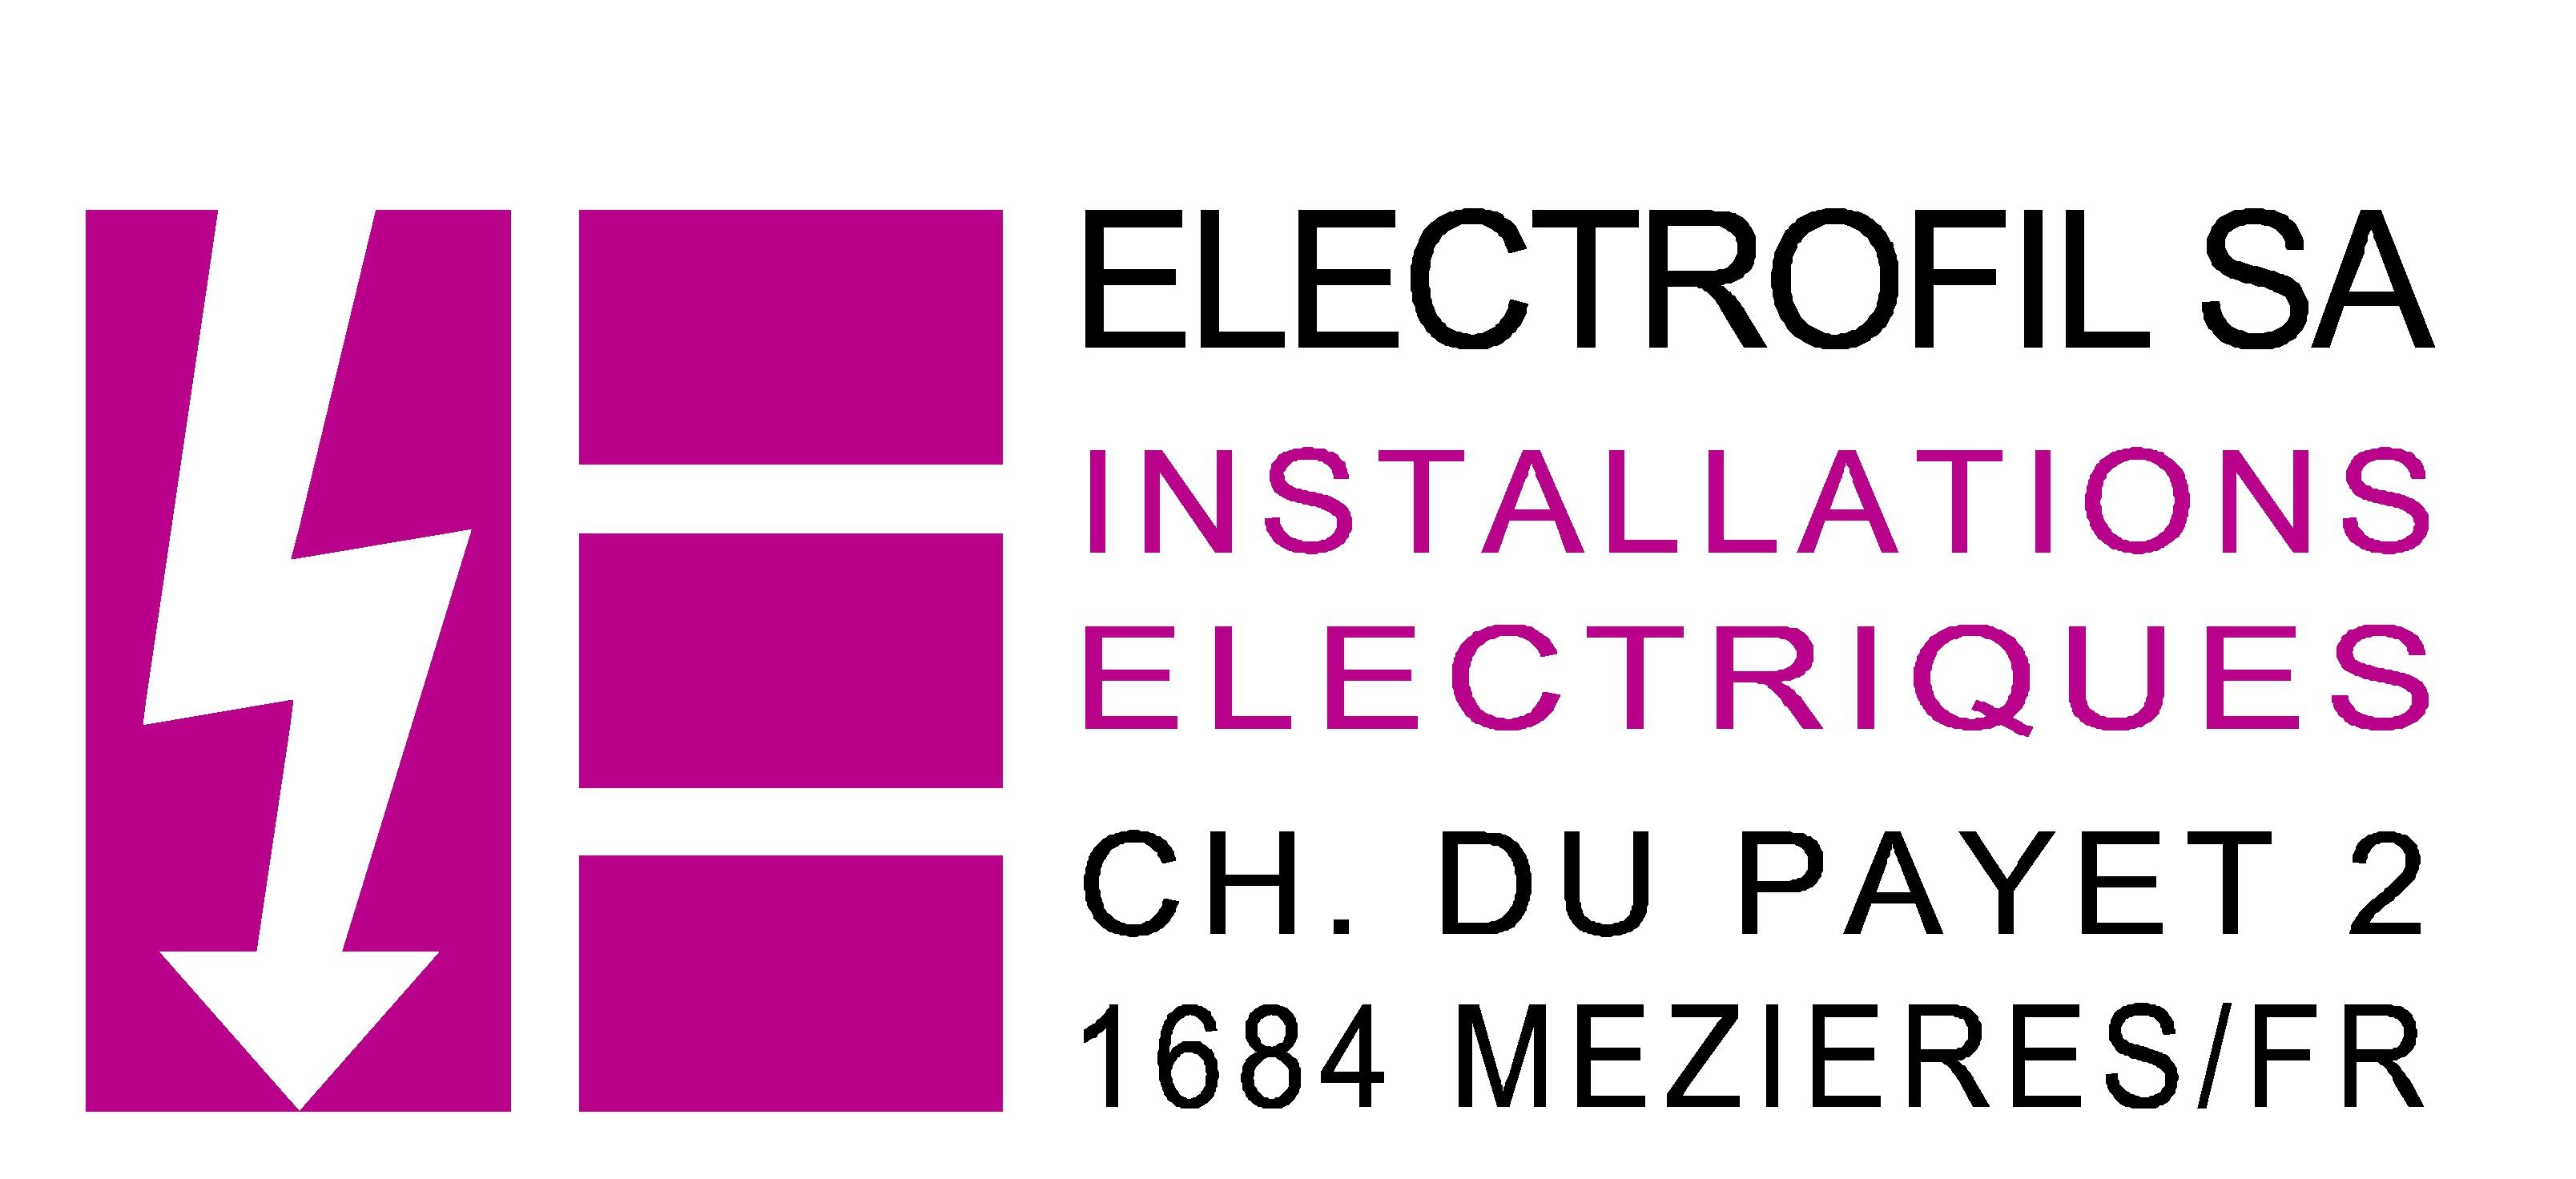 Electrofil SA Logo